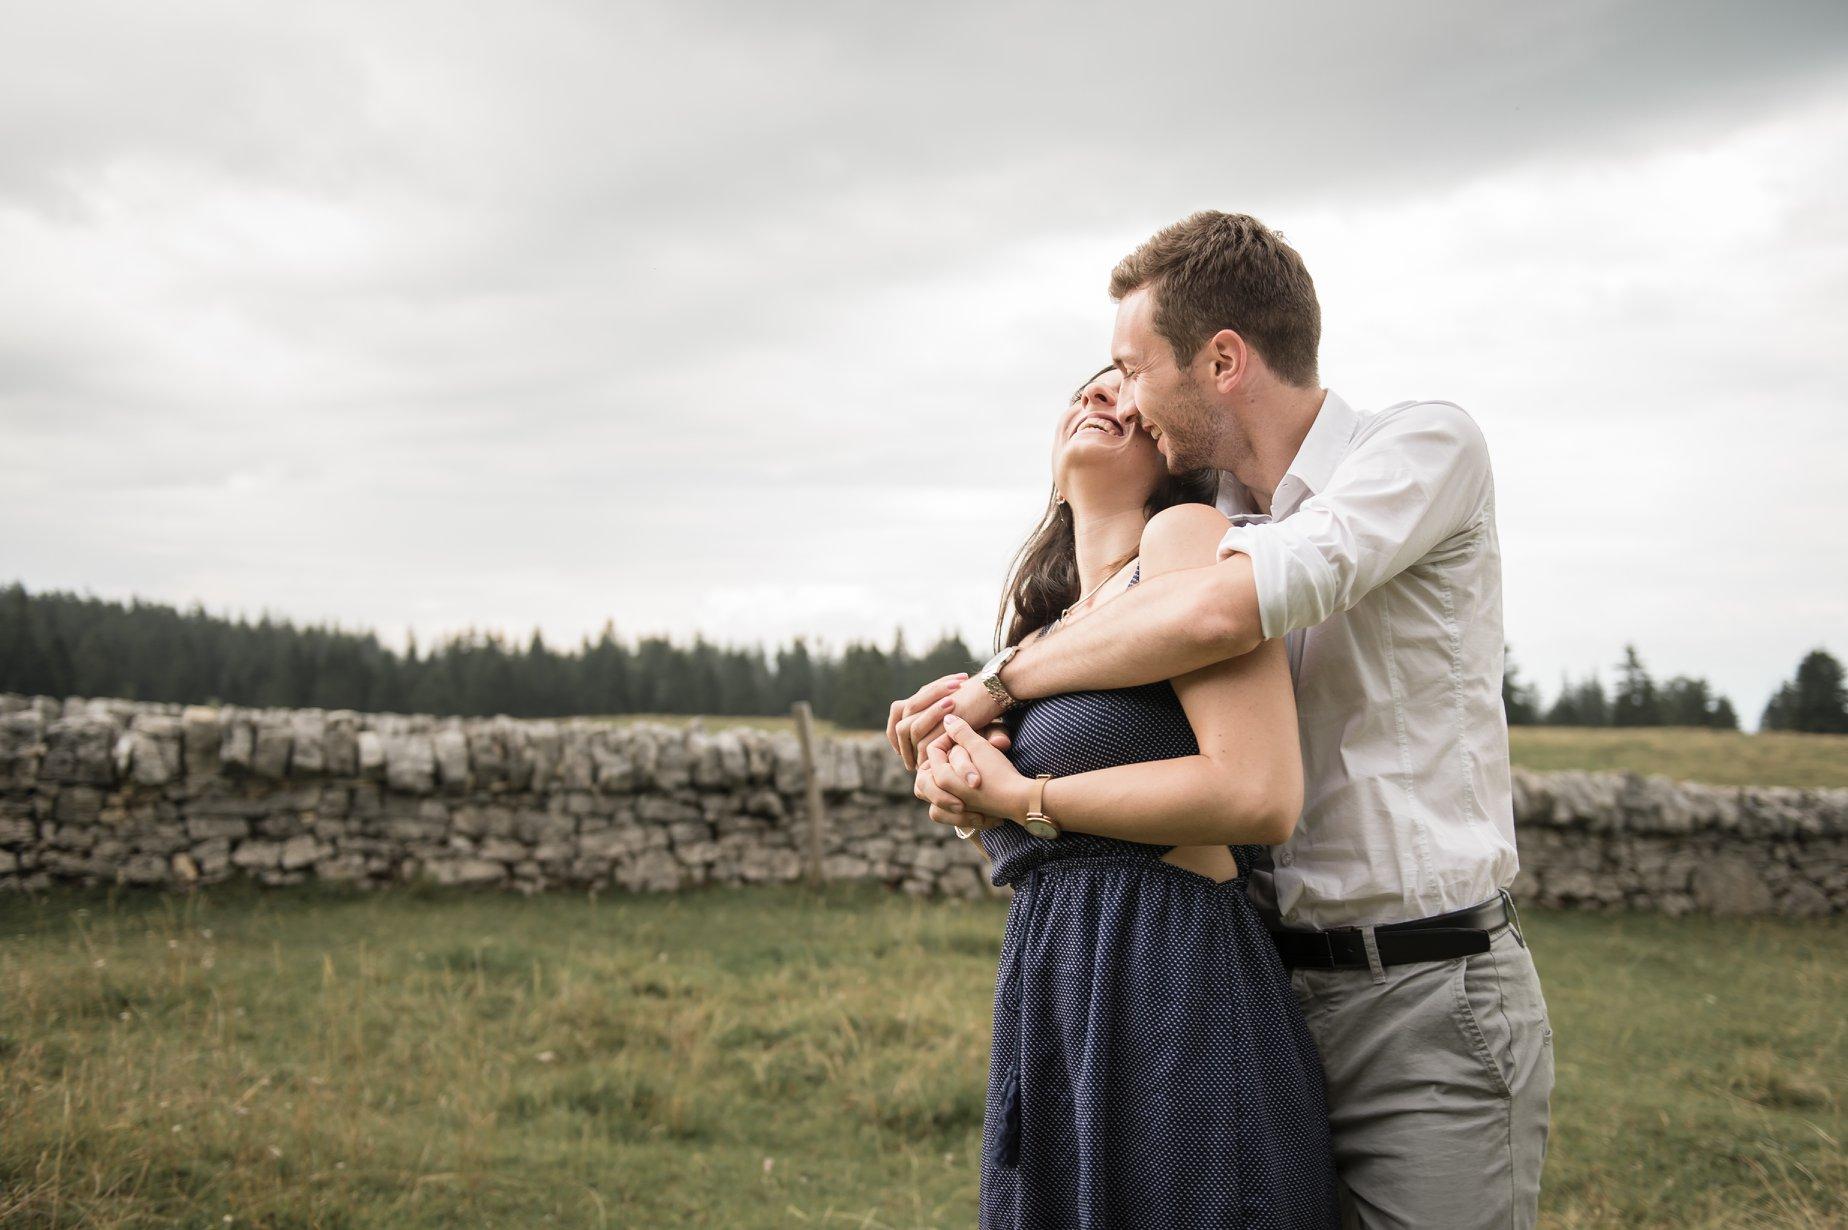 S&A - «Nous gardons un excellent souvenir de notre shooting photo dans la nature avec Sam, parsemé d'éclats de rire ! Elle a su nous mettre à l'aise et faire ressortir notre complicité dans ses belles photos.»